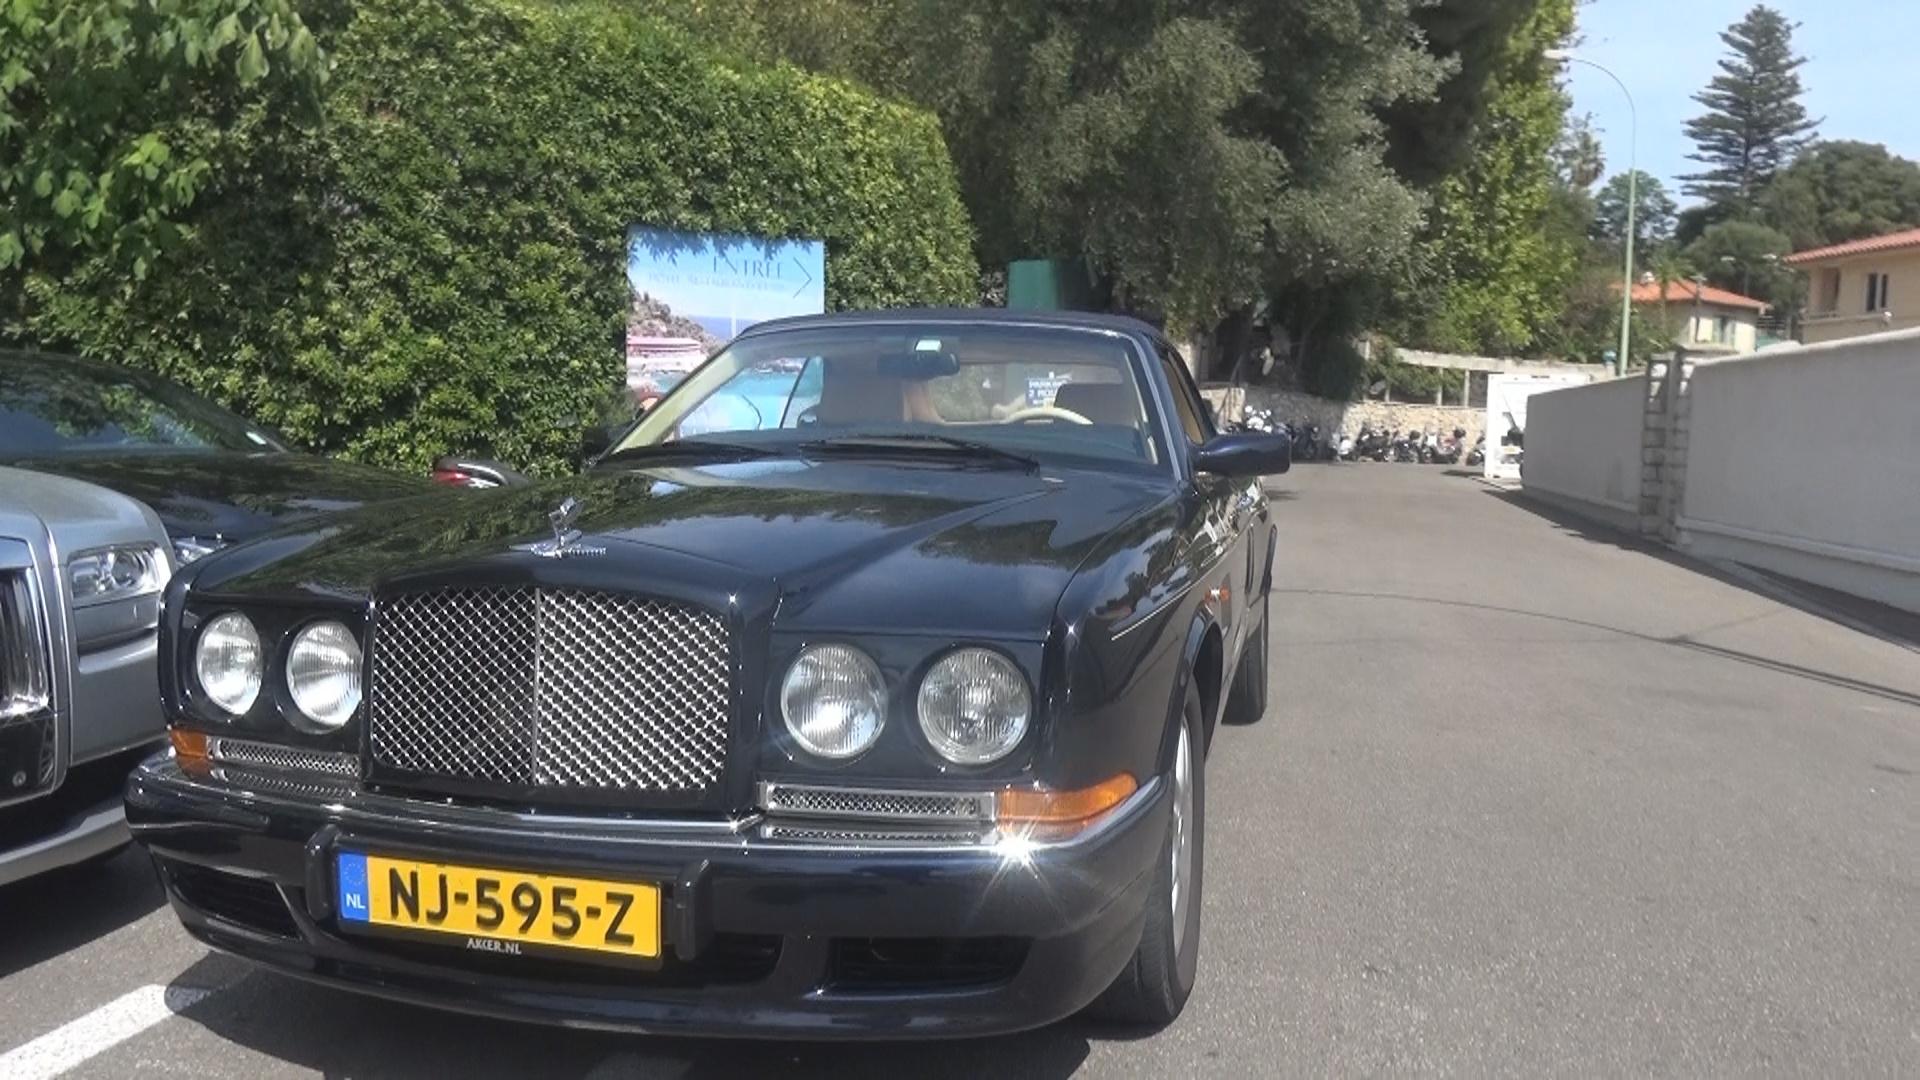 Bentley Azure - NJ-595-Z (NL)